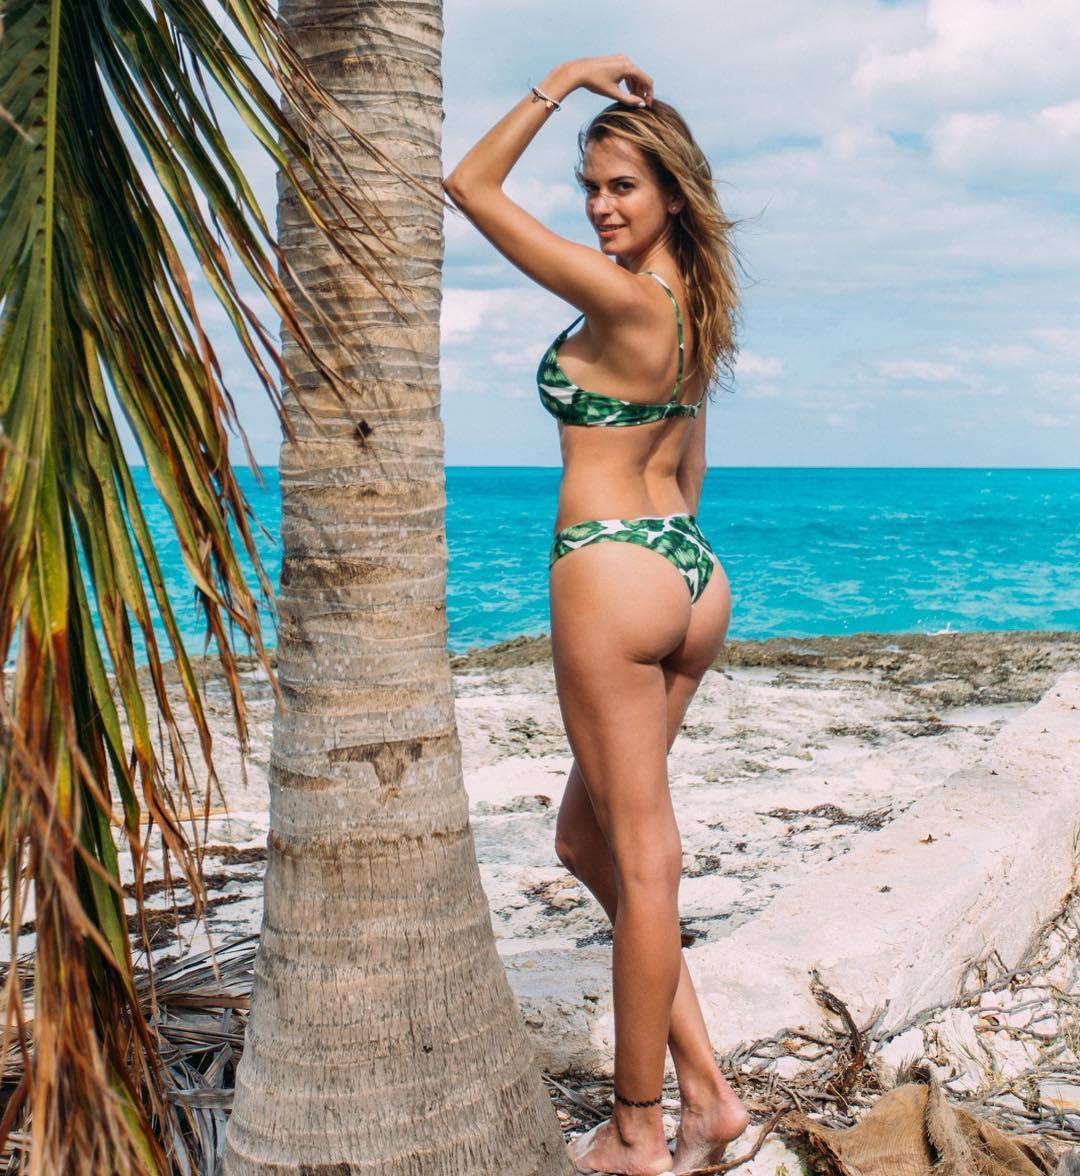 ICloud Carmen KiCloud nudes (79 foto and video), Sexy, Bikini, Feet, butt 2018